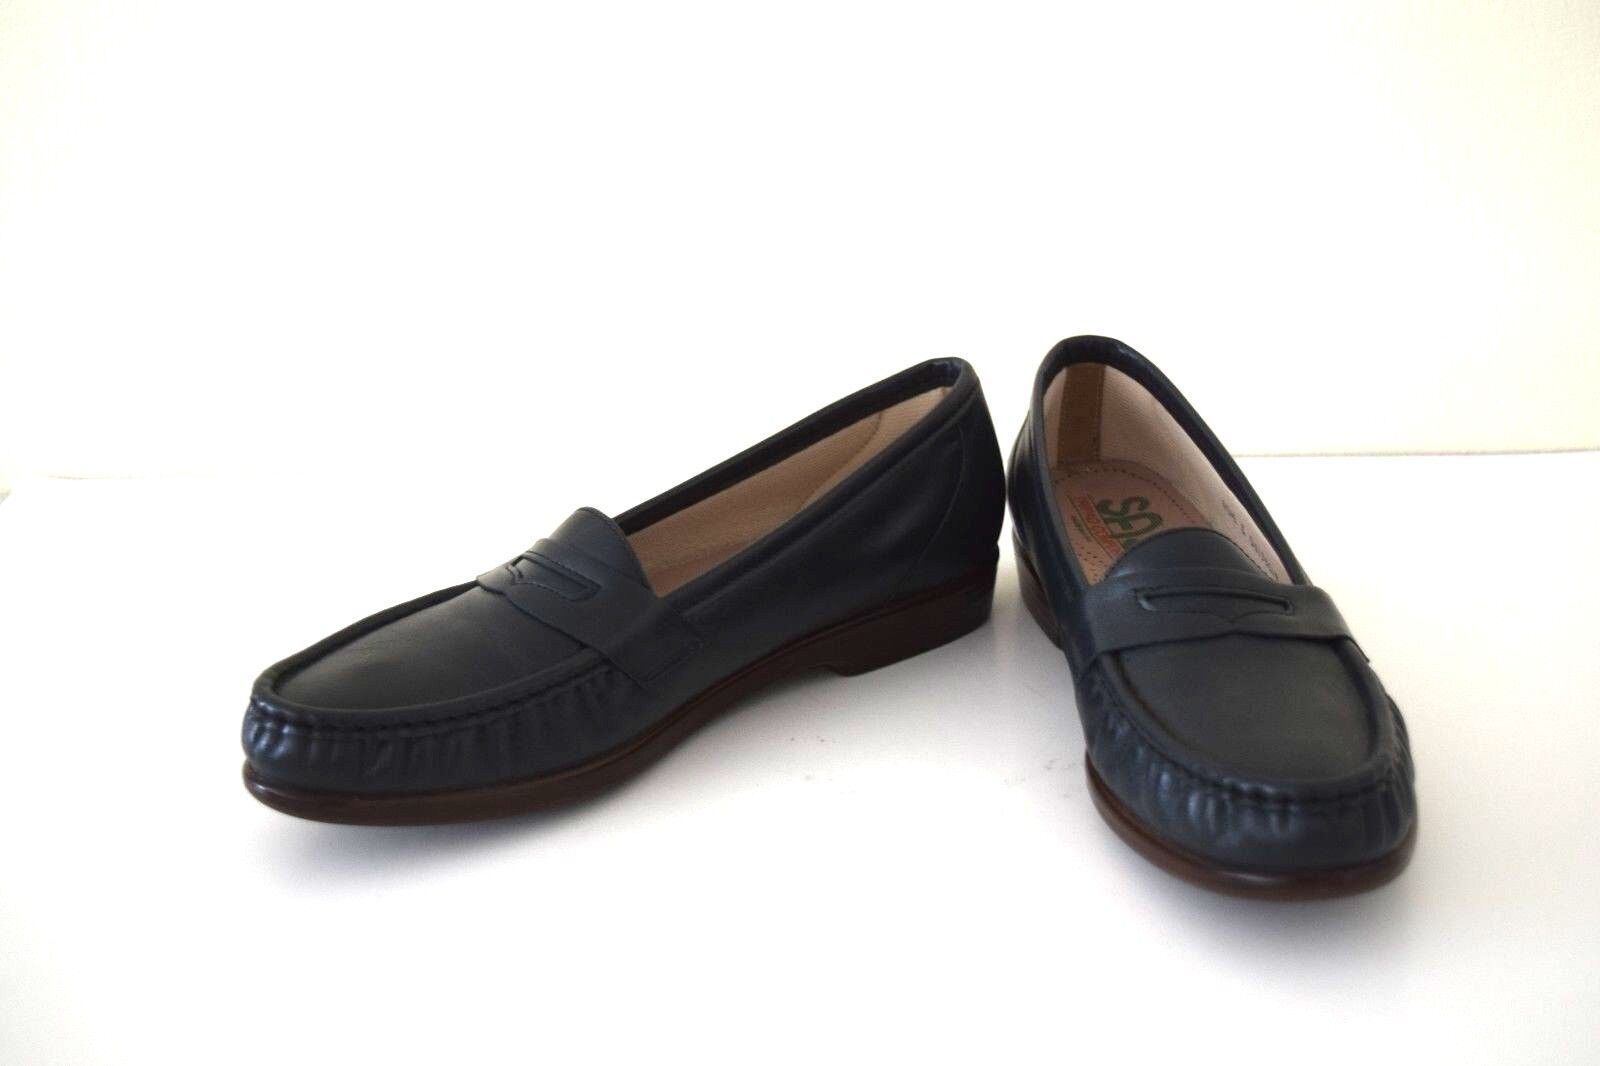 Zapatos de Cuero servicio servicio servicio Aéreo Especial 10.5 M comodidad Tripad PENNY Mocasines Para mujeres Informales Negro  80% de descuento